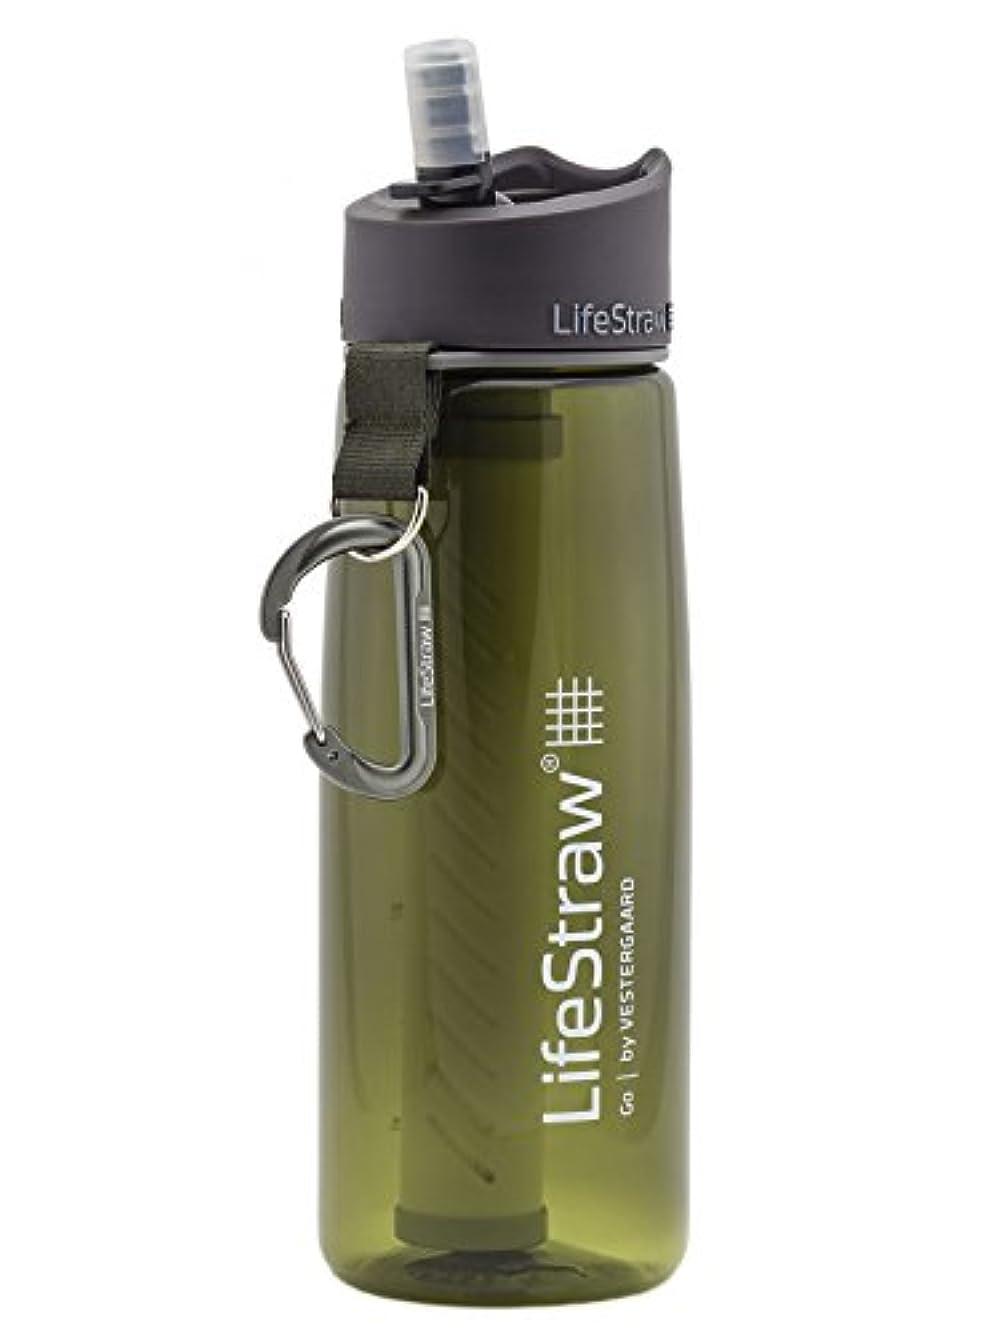 マーチャンダイザーピストルまたLifeStraw ハイキング、バックパッキング、旅行のための2ステージ統合フィルターストローを持つウォーターフィルターボトル、